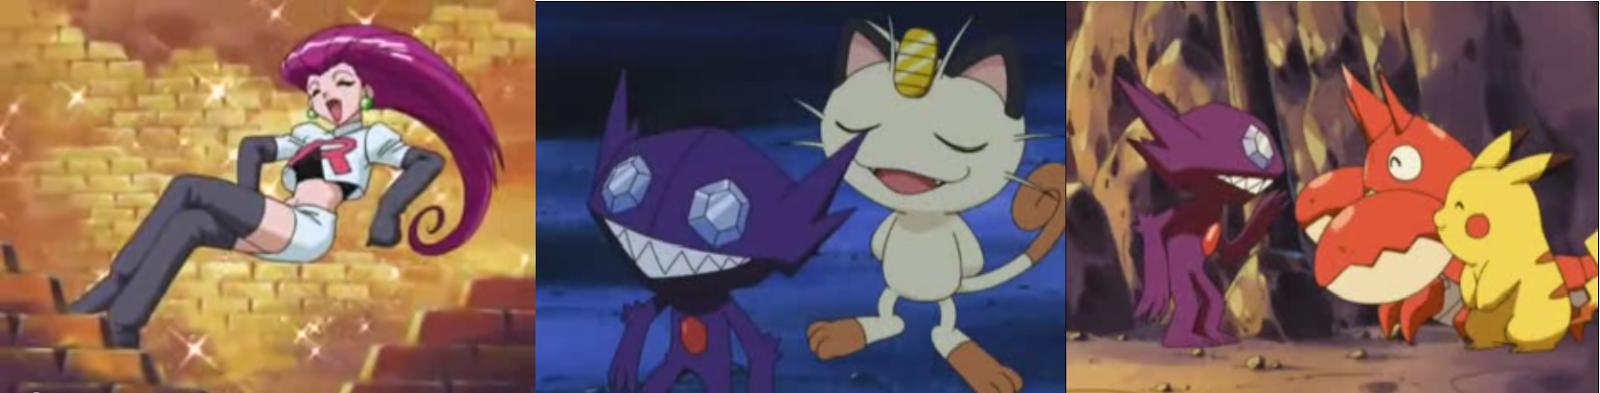 Pokémon -  Capítulo 29 - Temporada 6 - Audio Latino